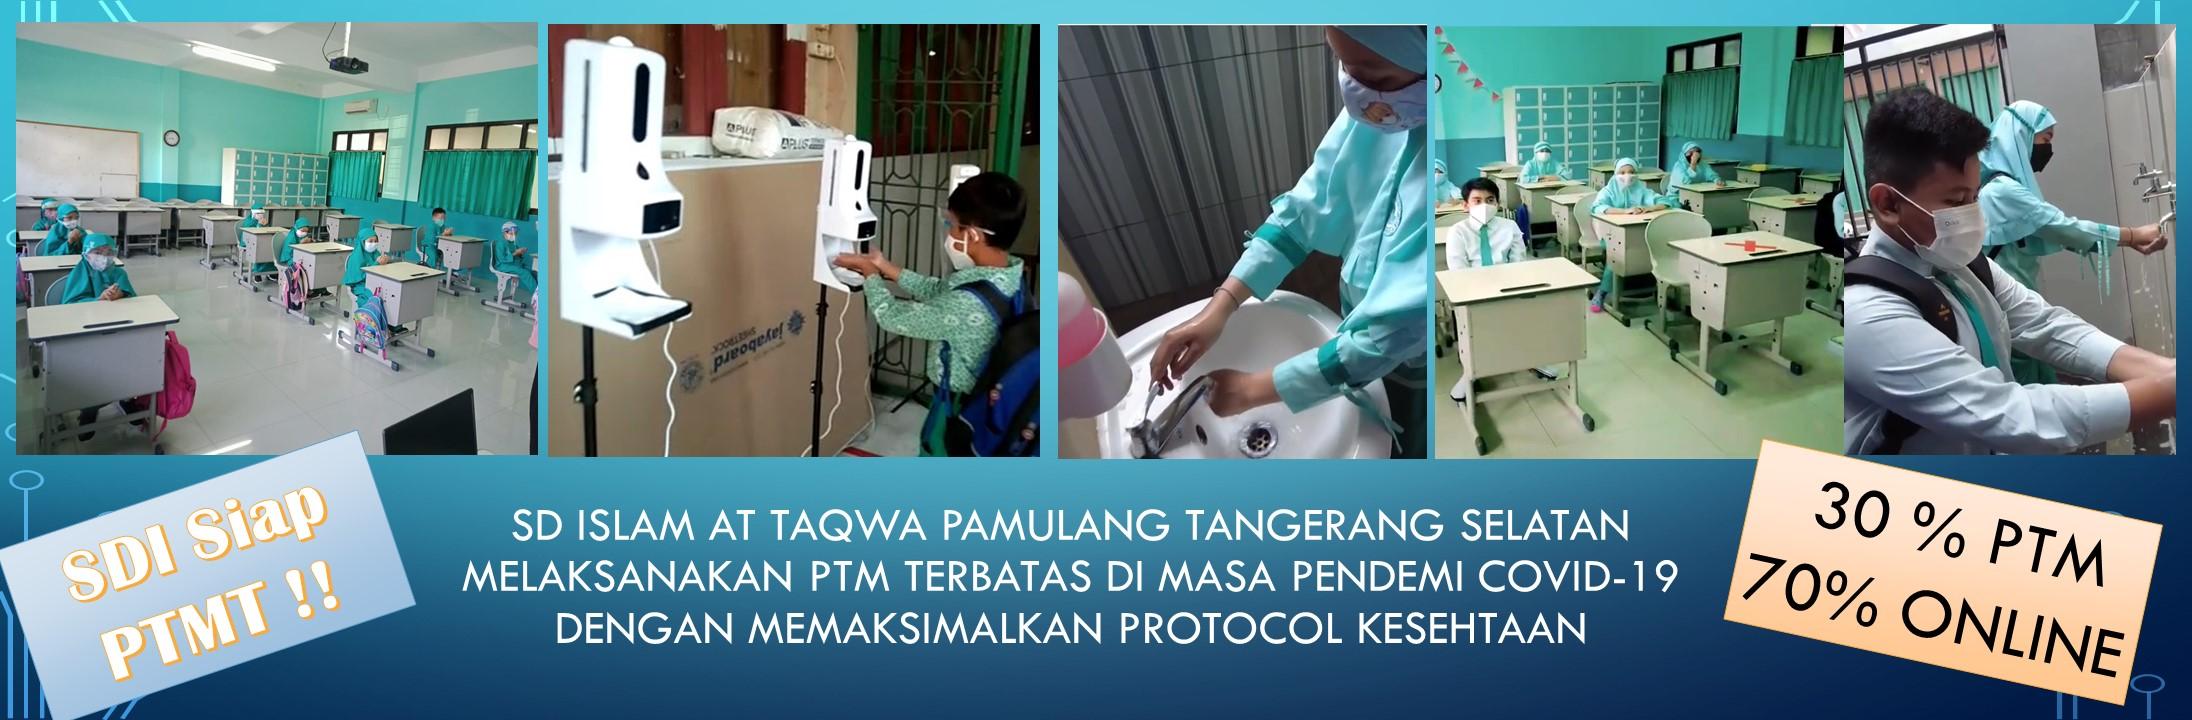 SD Islam At Taqwa SIap PTMT dengan Memaksimalkan Protokol Kesehatan dan Pembelajaran